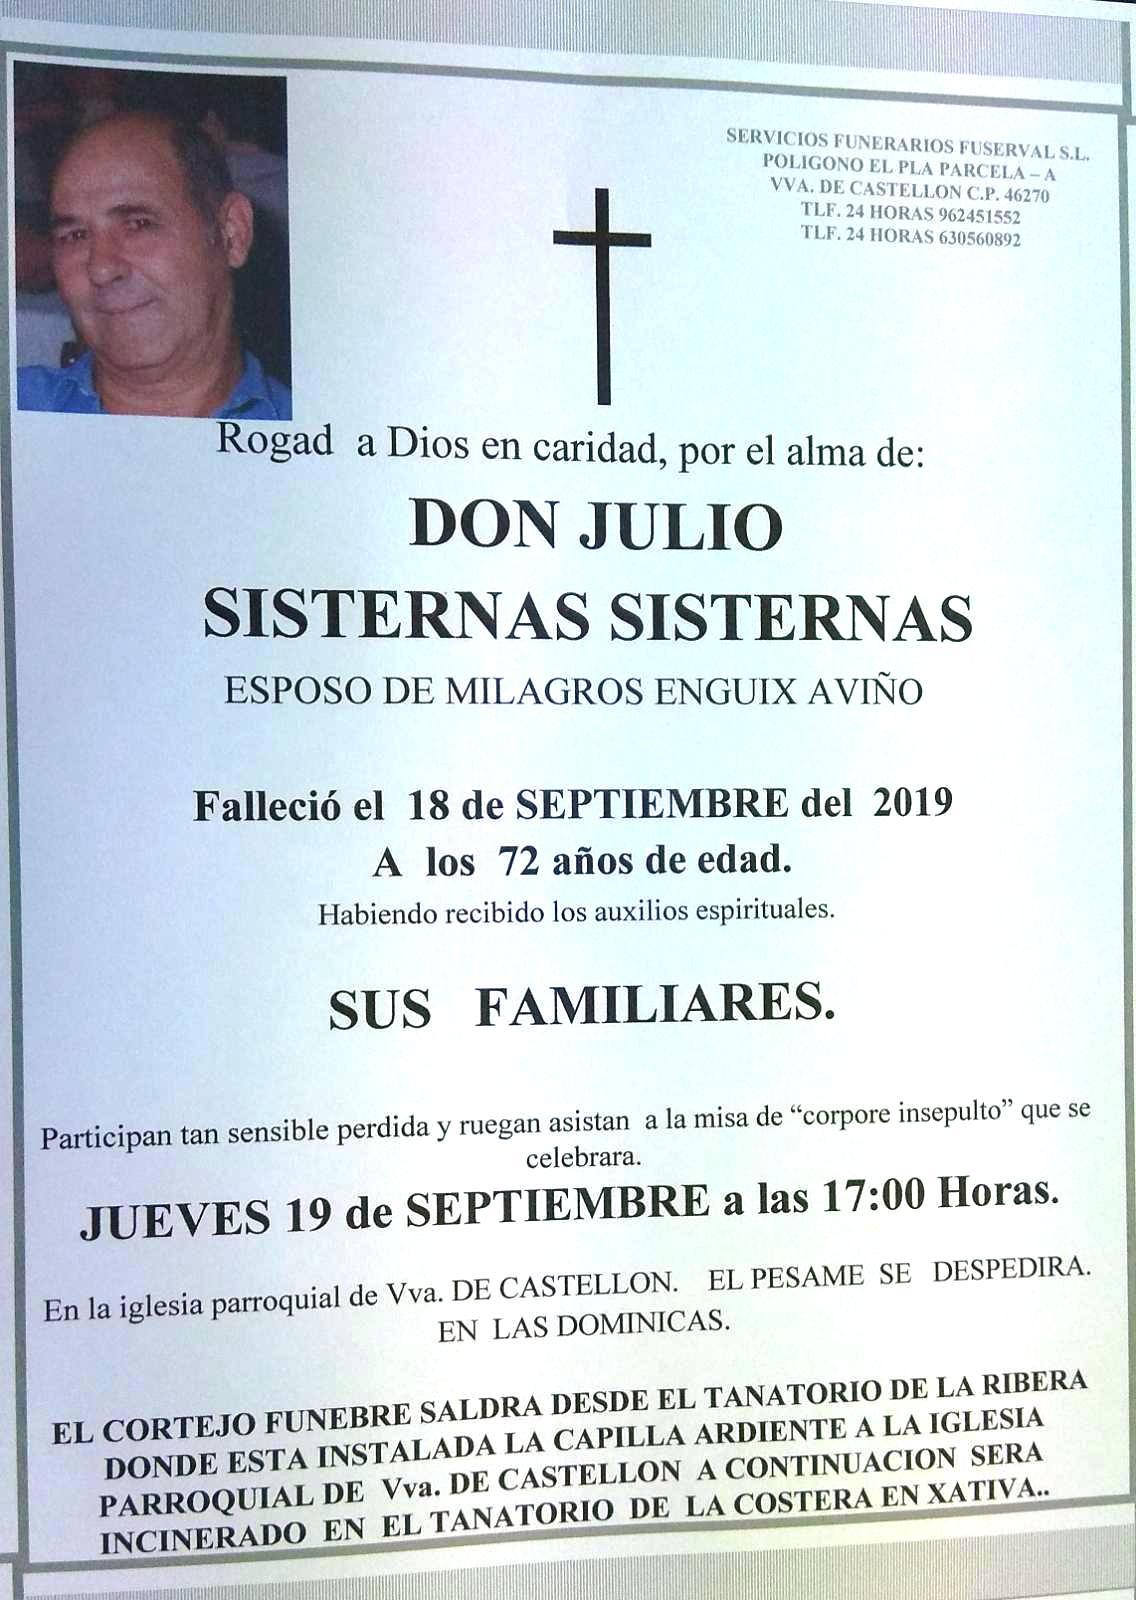 JULIO SISTERNAS SISTERNAS